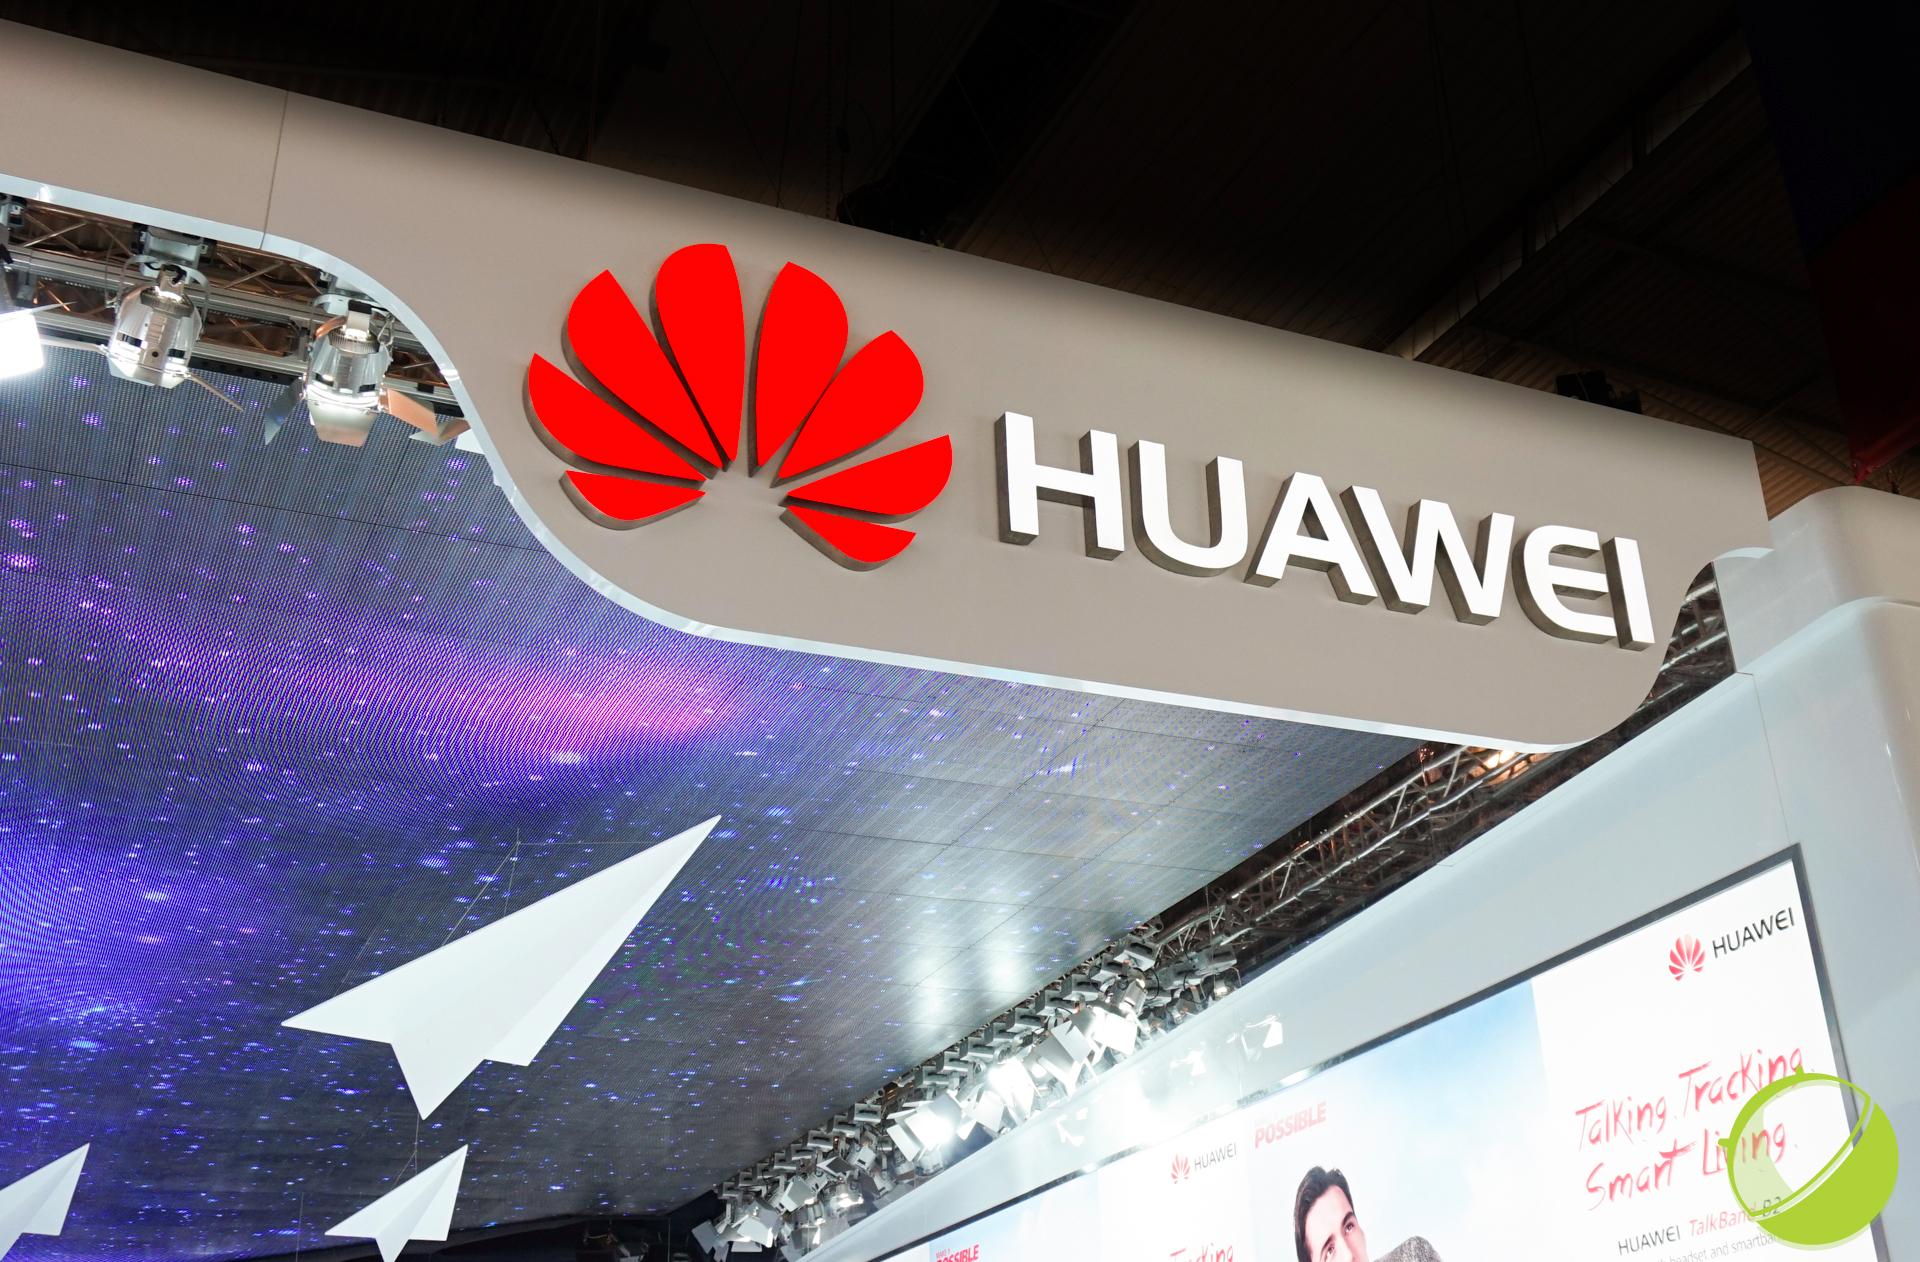 Les Huawei Mate 8 et Honor 7 Plus intègreraient le Kirin 950 de HiSilicon